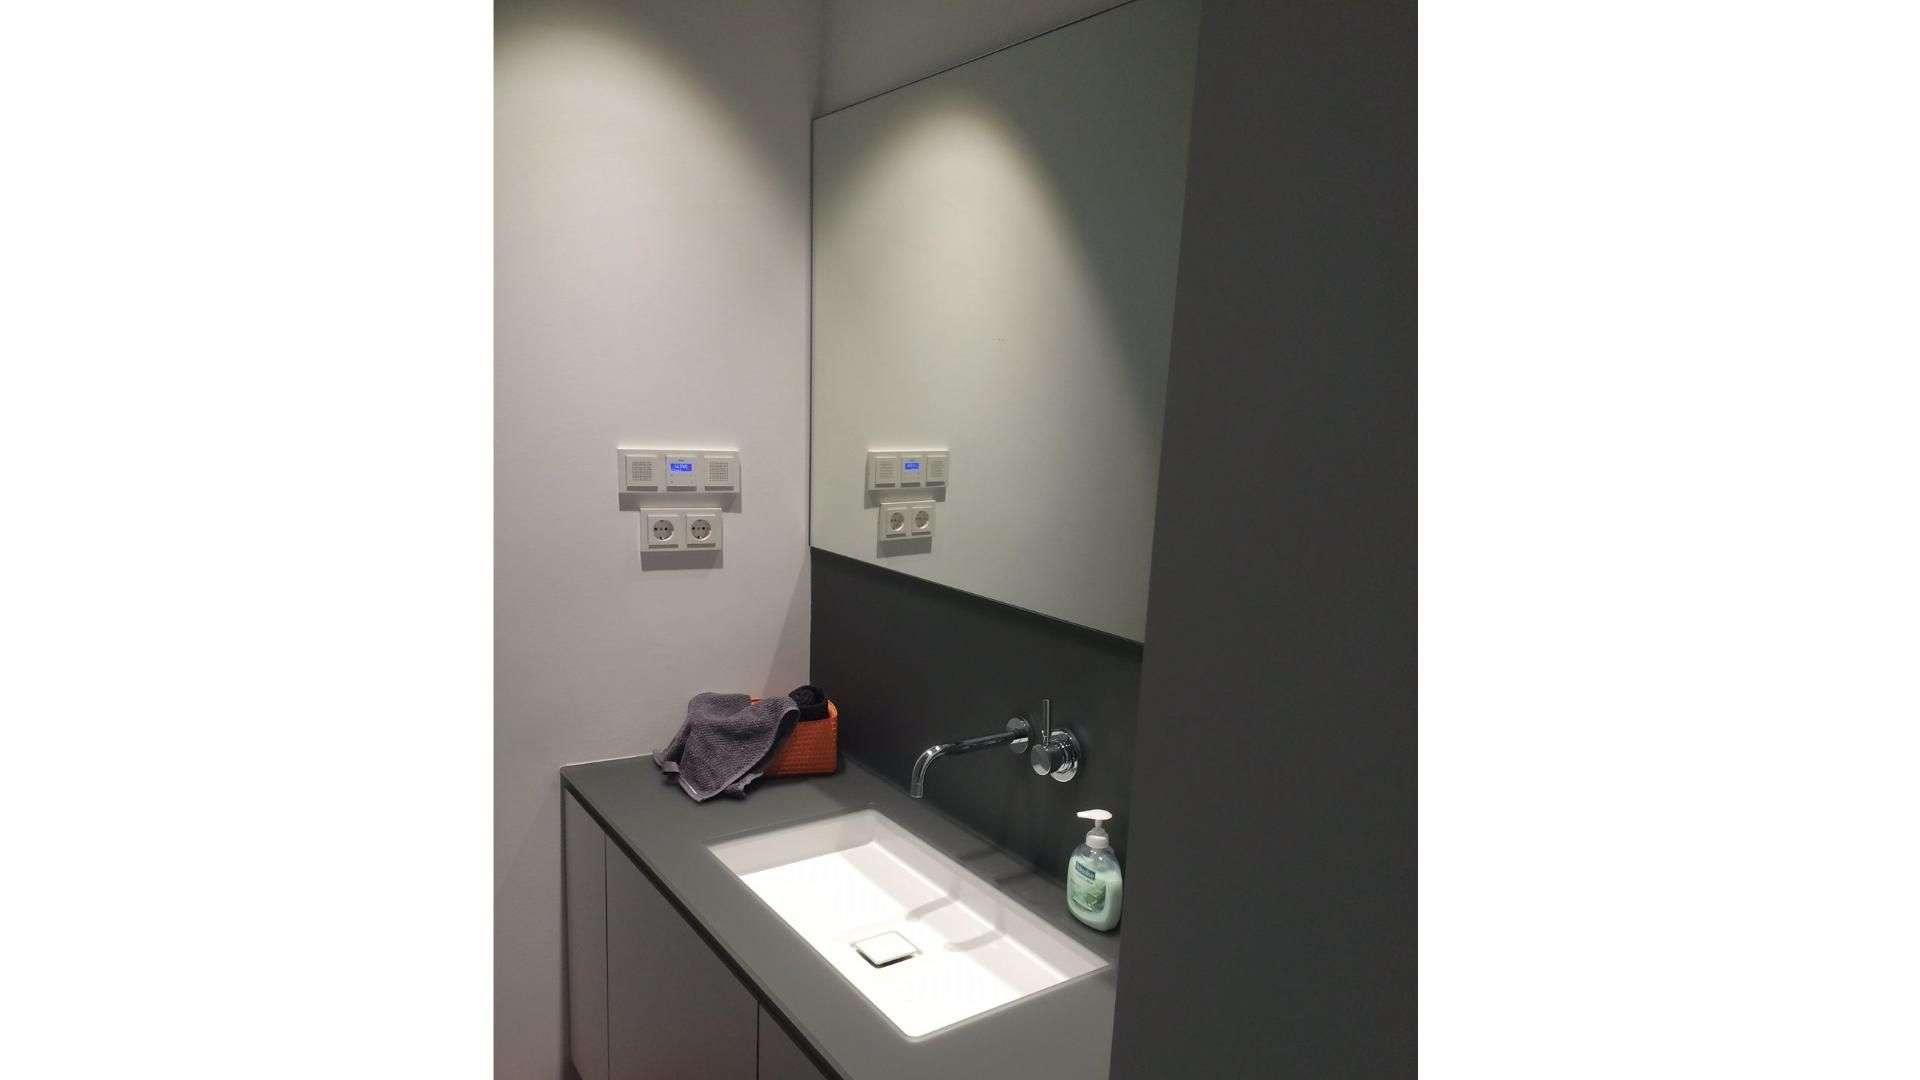 Spiegel über einem Waschbecken im Hotel Marta